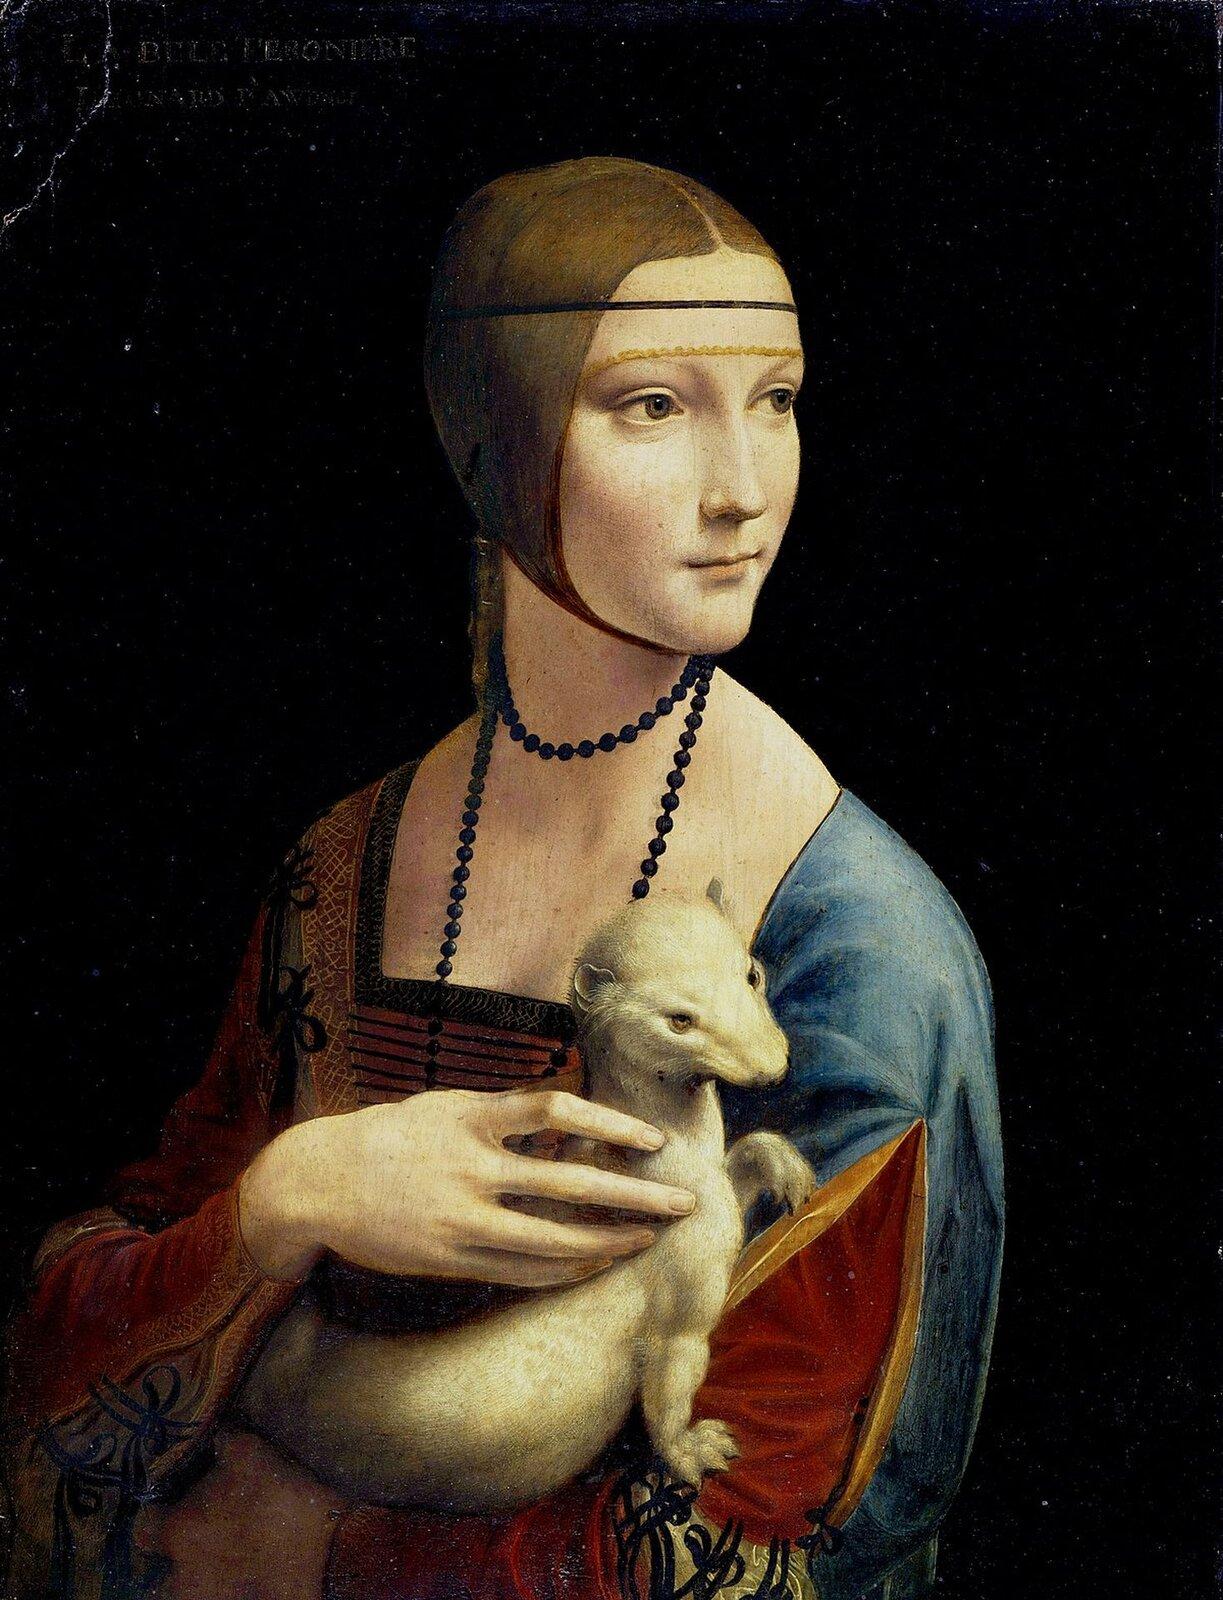 """Ilustracja przedstawia obraz olejny """"Dama zgronostajem"""" autorstwa Leonarda da Vinci. Dzieło ukazuje portret Cecylii Gallerani  wbogato haftowanej, niebiesko-czerwonej sukni zprostokątnym dekoltem. Jasno oświetlona postać wyłania się zmroku czarnego tła. Na twarzy młodej kobiety odelikatnych rysach ijasnej skórze rysuje się delikatny uśmiech. Głowa odwrócona jest zdecydowanie wlewą stronę, spogląda gdzieś za siebie. Włosy ma uczesane gładko zprzedziałkiem na środku iprzepasane cienką opaską przecinającą czoło. Dama, na rękach trzyma białego gronostaja, którego gładzi prawą dłonią owysmukłych palcach. Dzieło, wykonane wtechnice olejnej zdodatkiem tempery na desce, utrzymane jest wwąskiej, ciemnej tonacji zakcentami czerwieni ibłękitów stroju."""